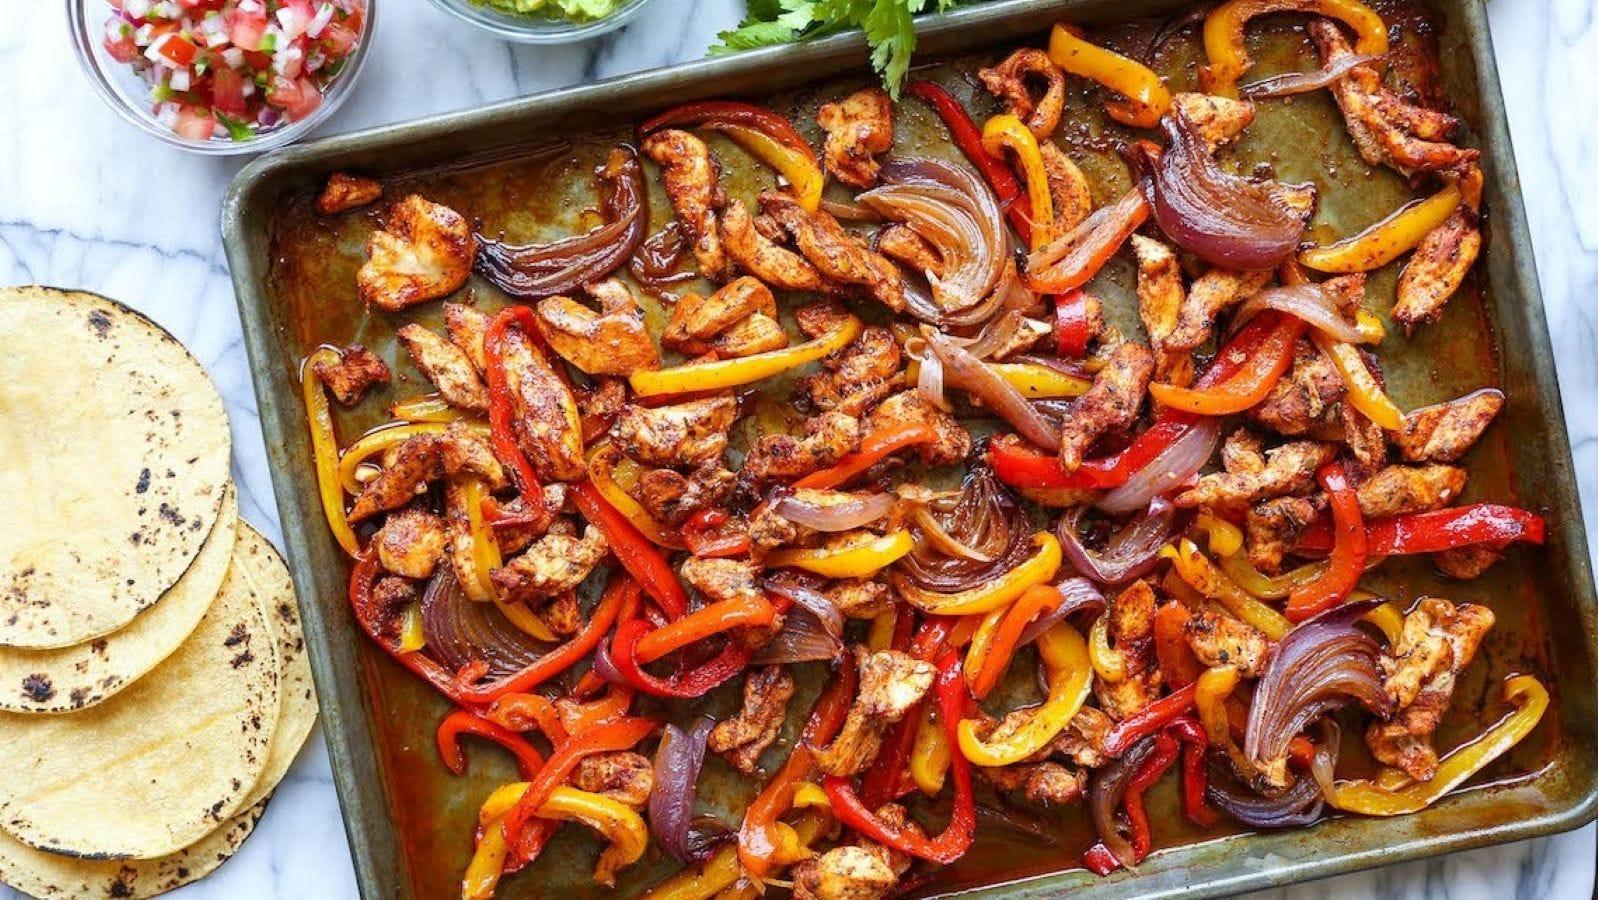 A Sheet Pan full of chicken fajitas.